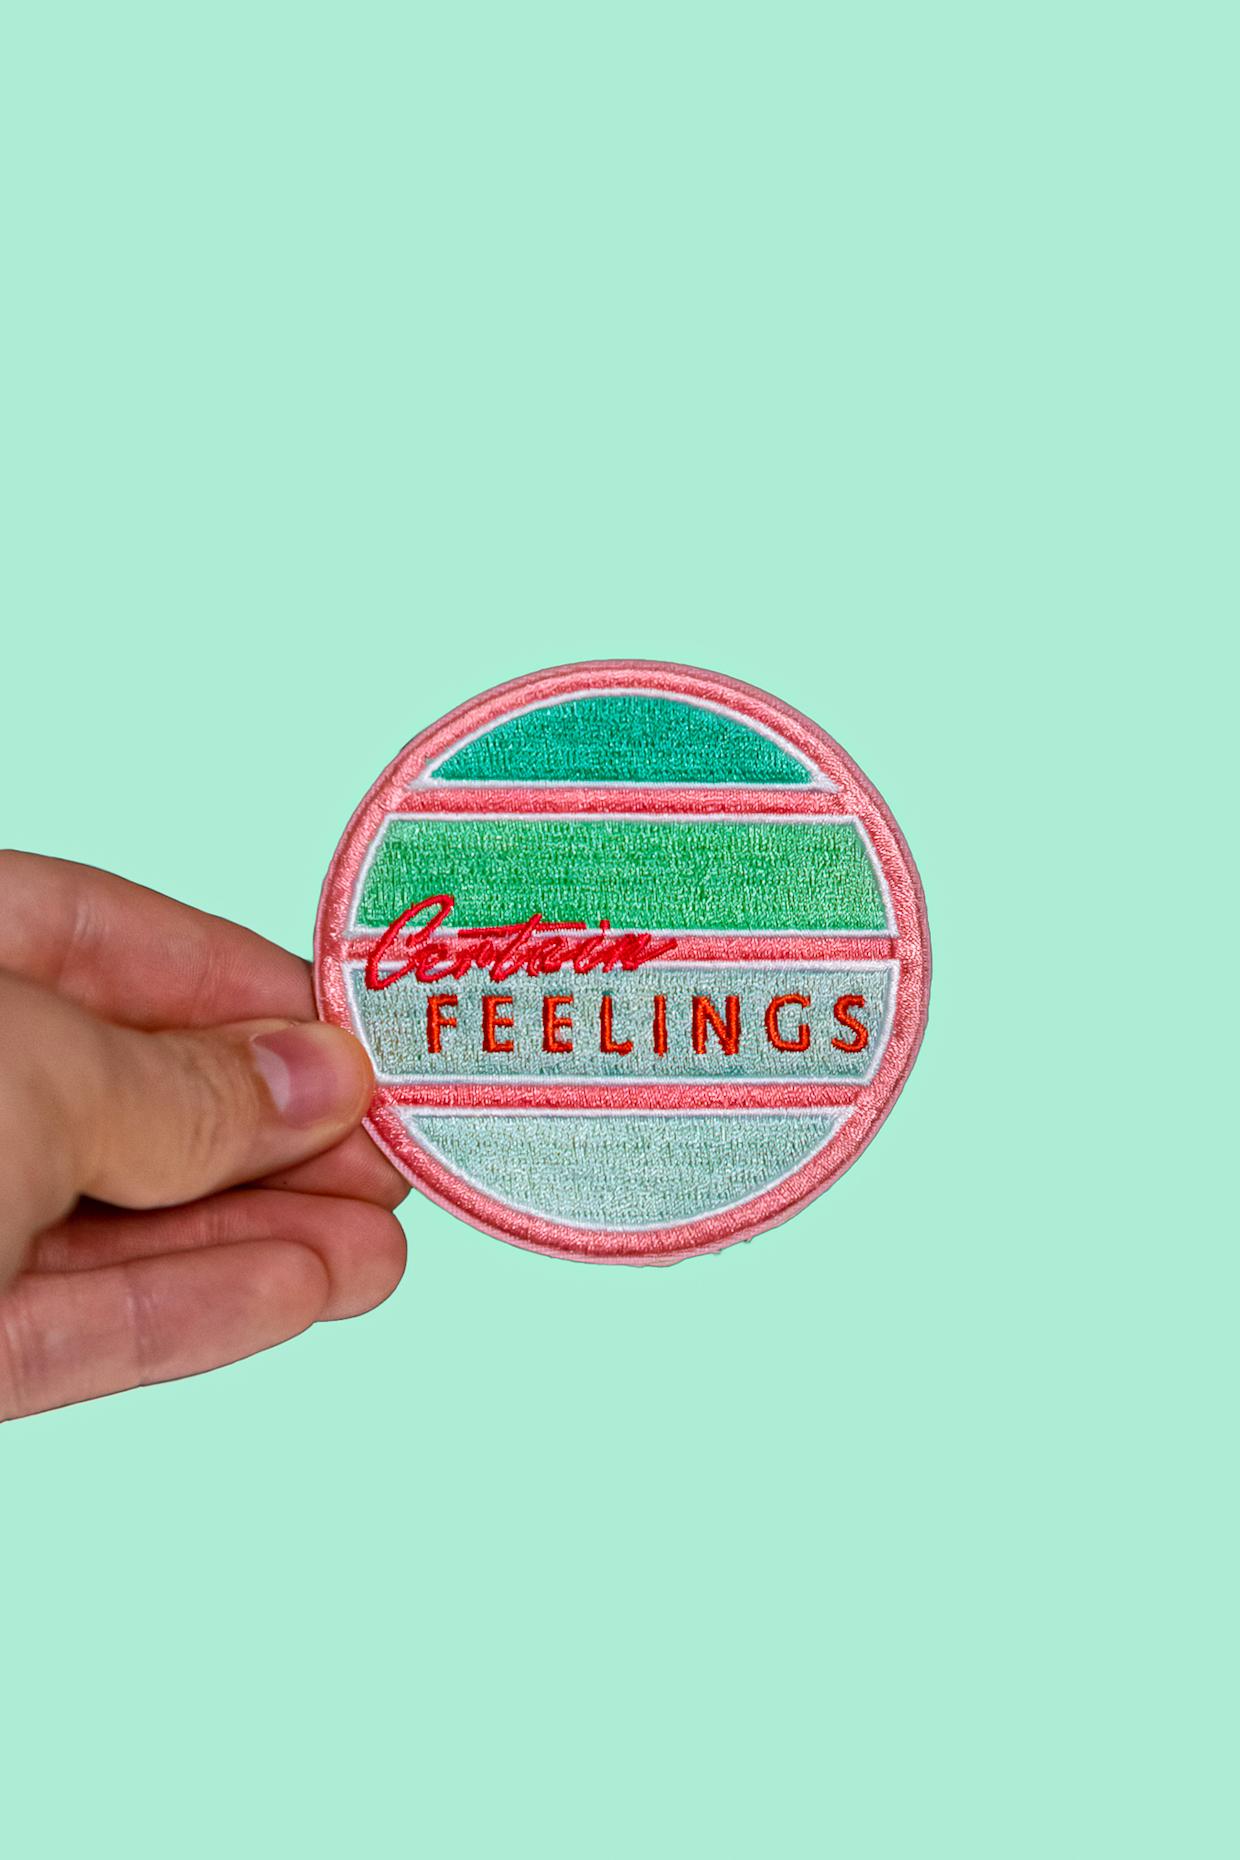 Certain Feelings coffee logo